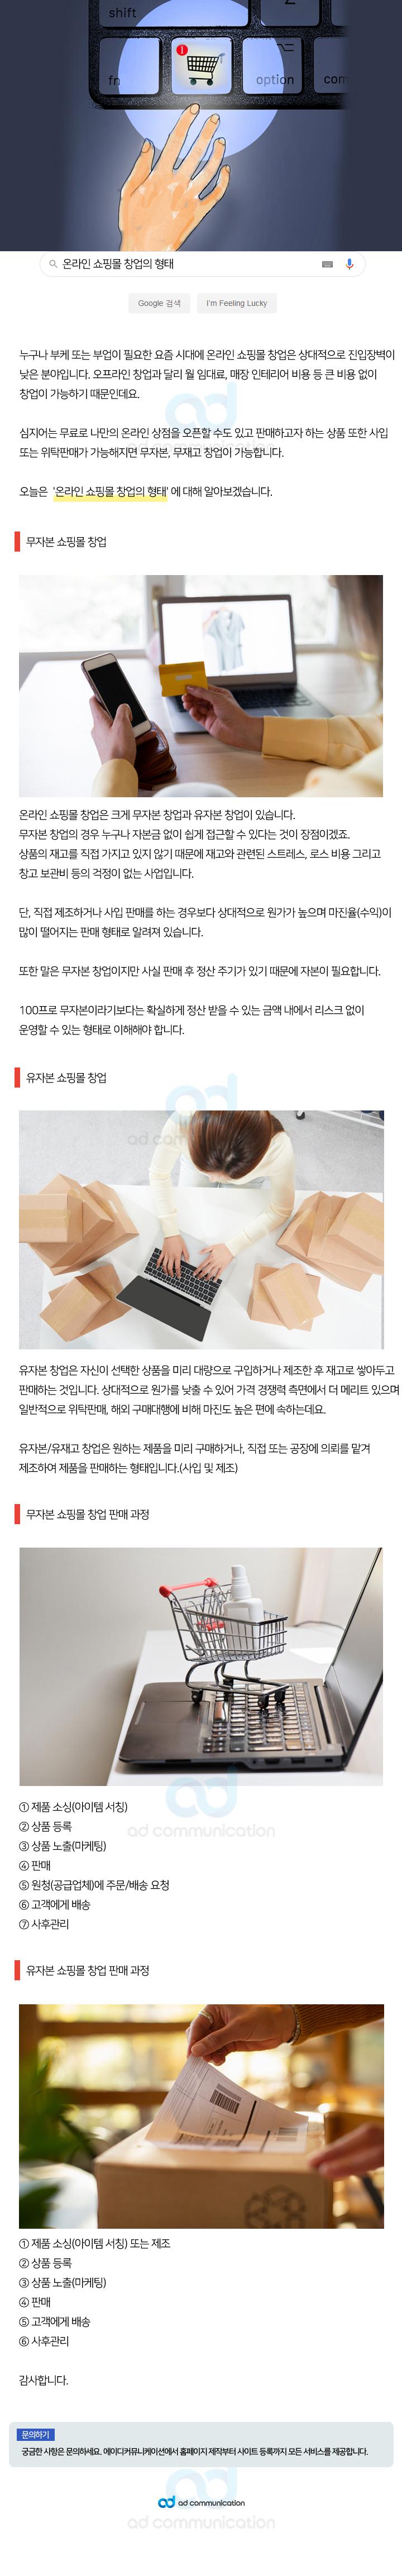 온라인 쇼핑몰 창업의 형태